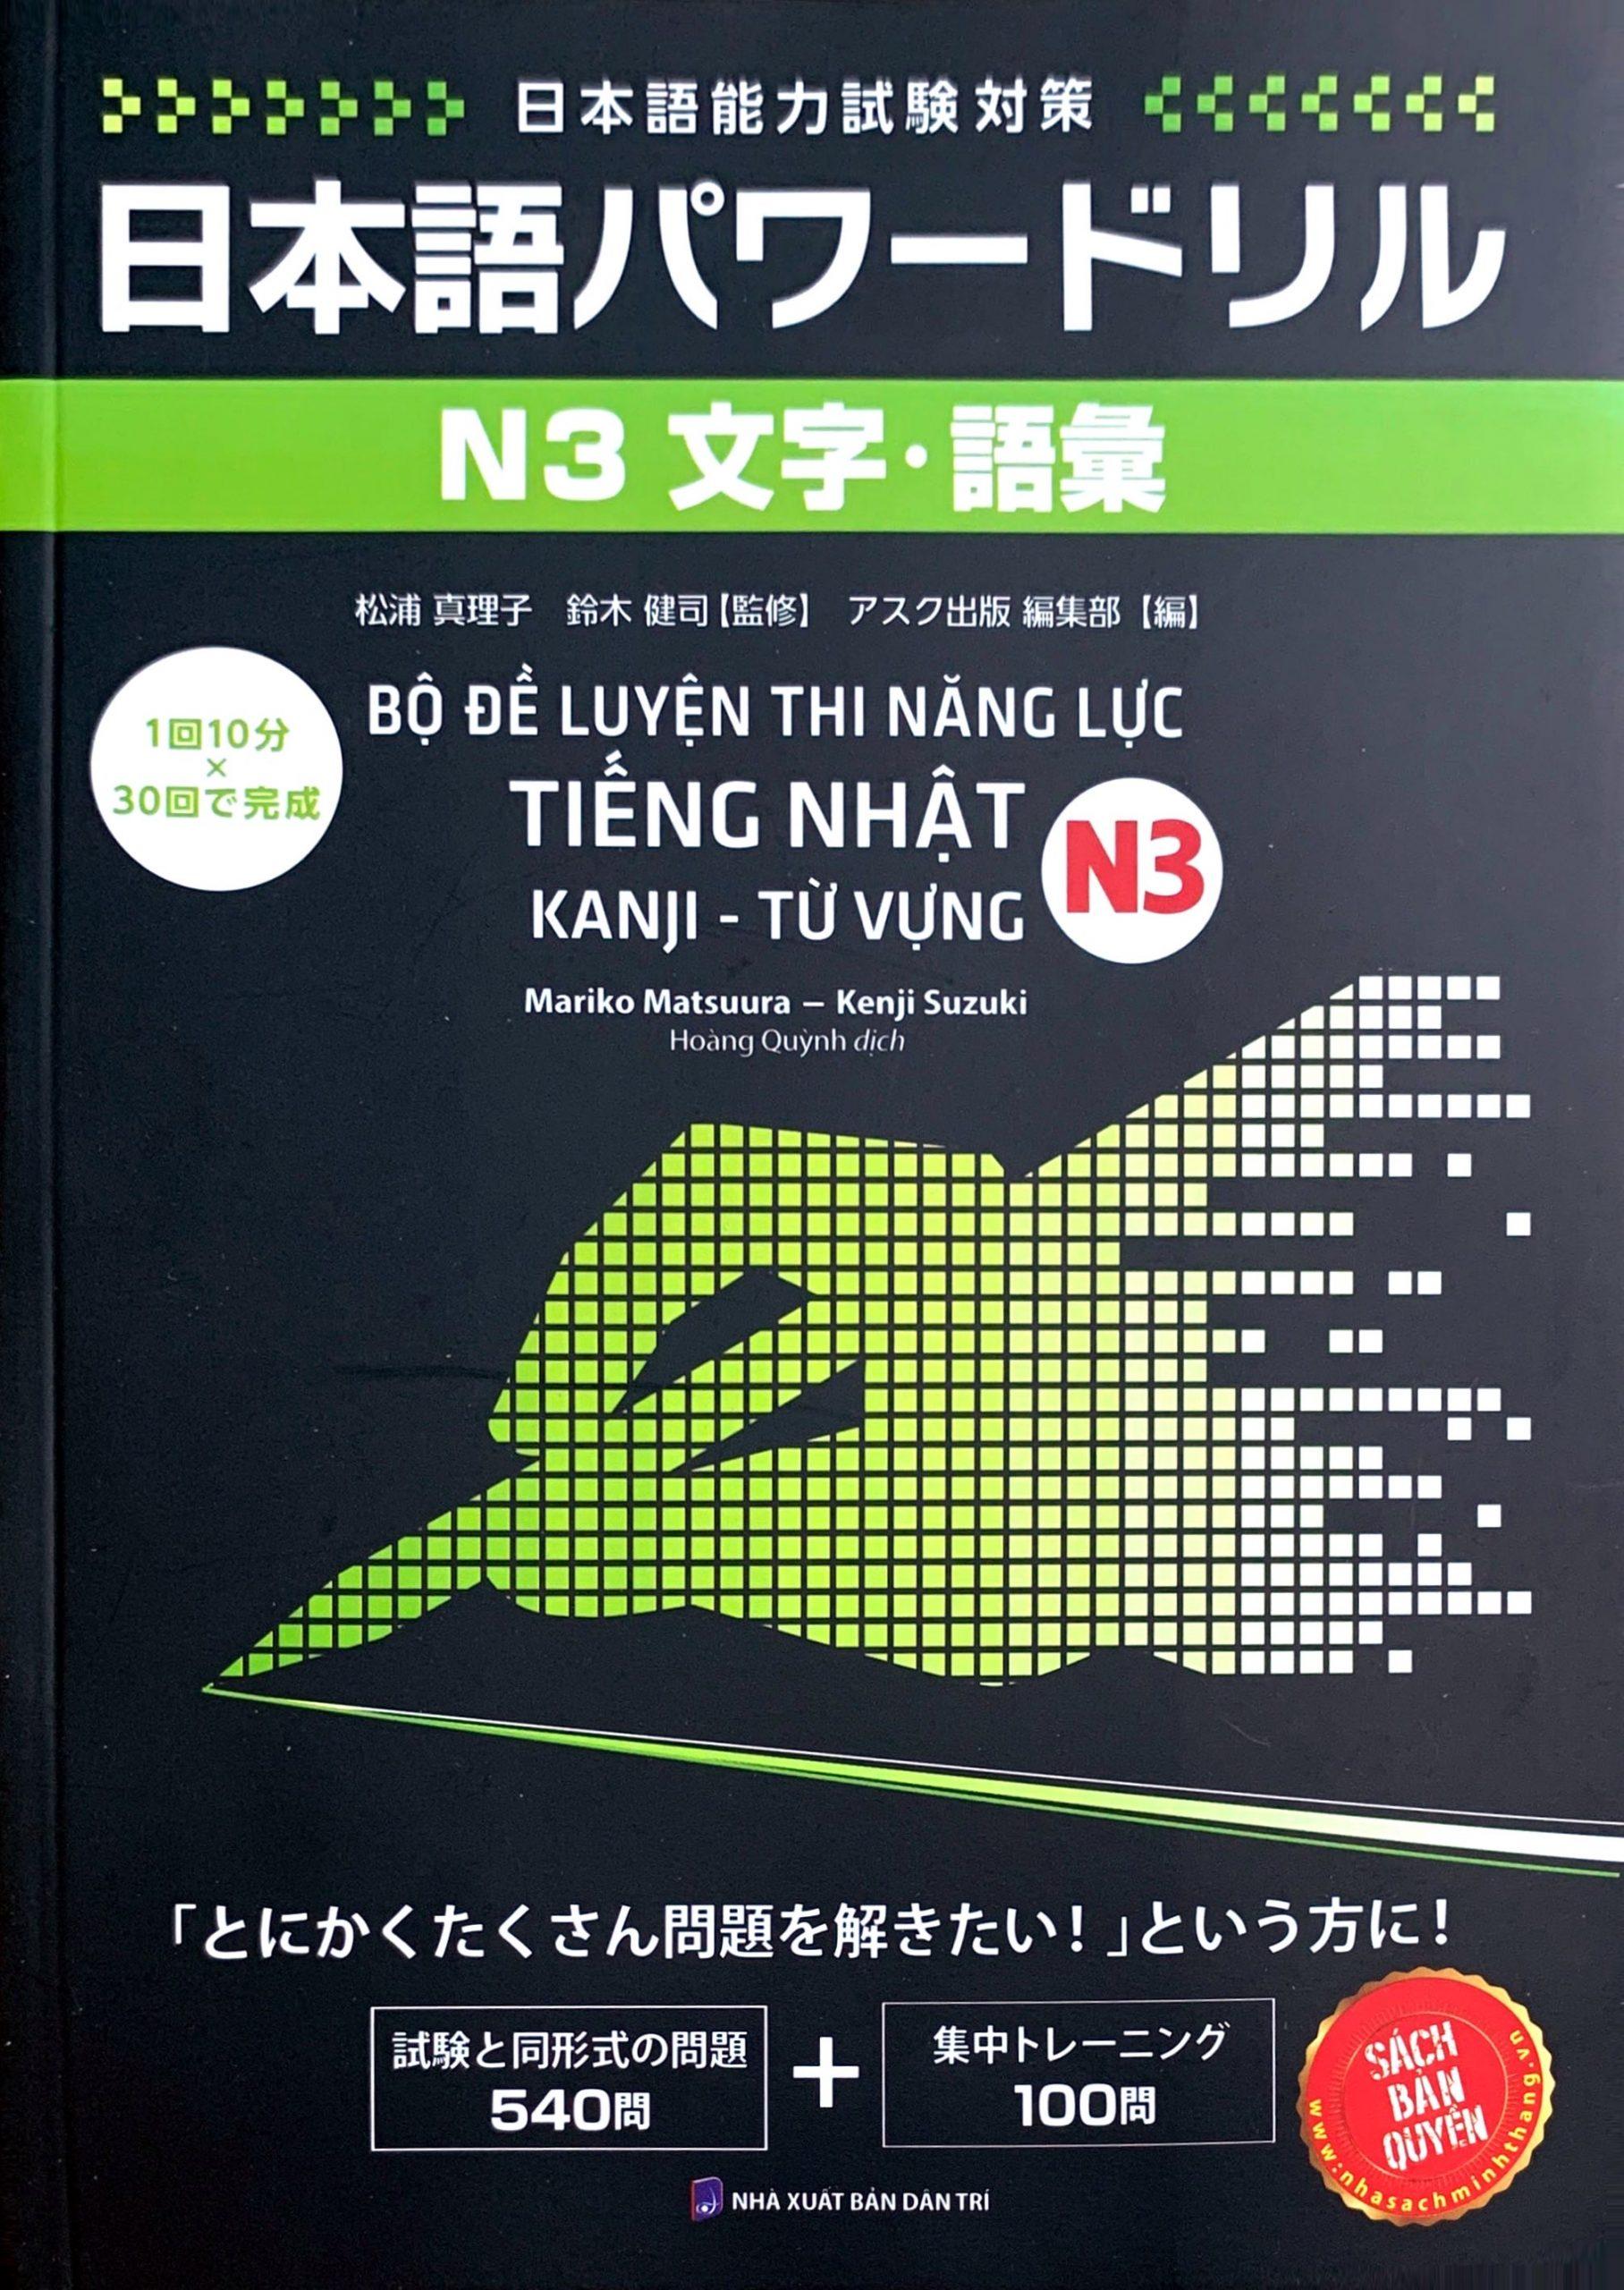 Sách Luyện Thi N3 Nihongo Pawa Doriru N3 Moji Goi – Bộ Đề Luyện Thi Năng Lực Tiếng Nhật N3 Kanji Từ vựng